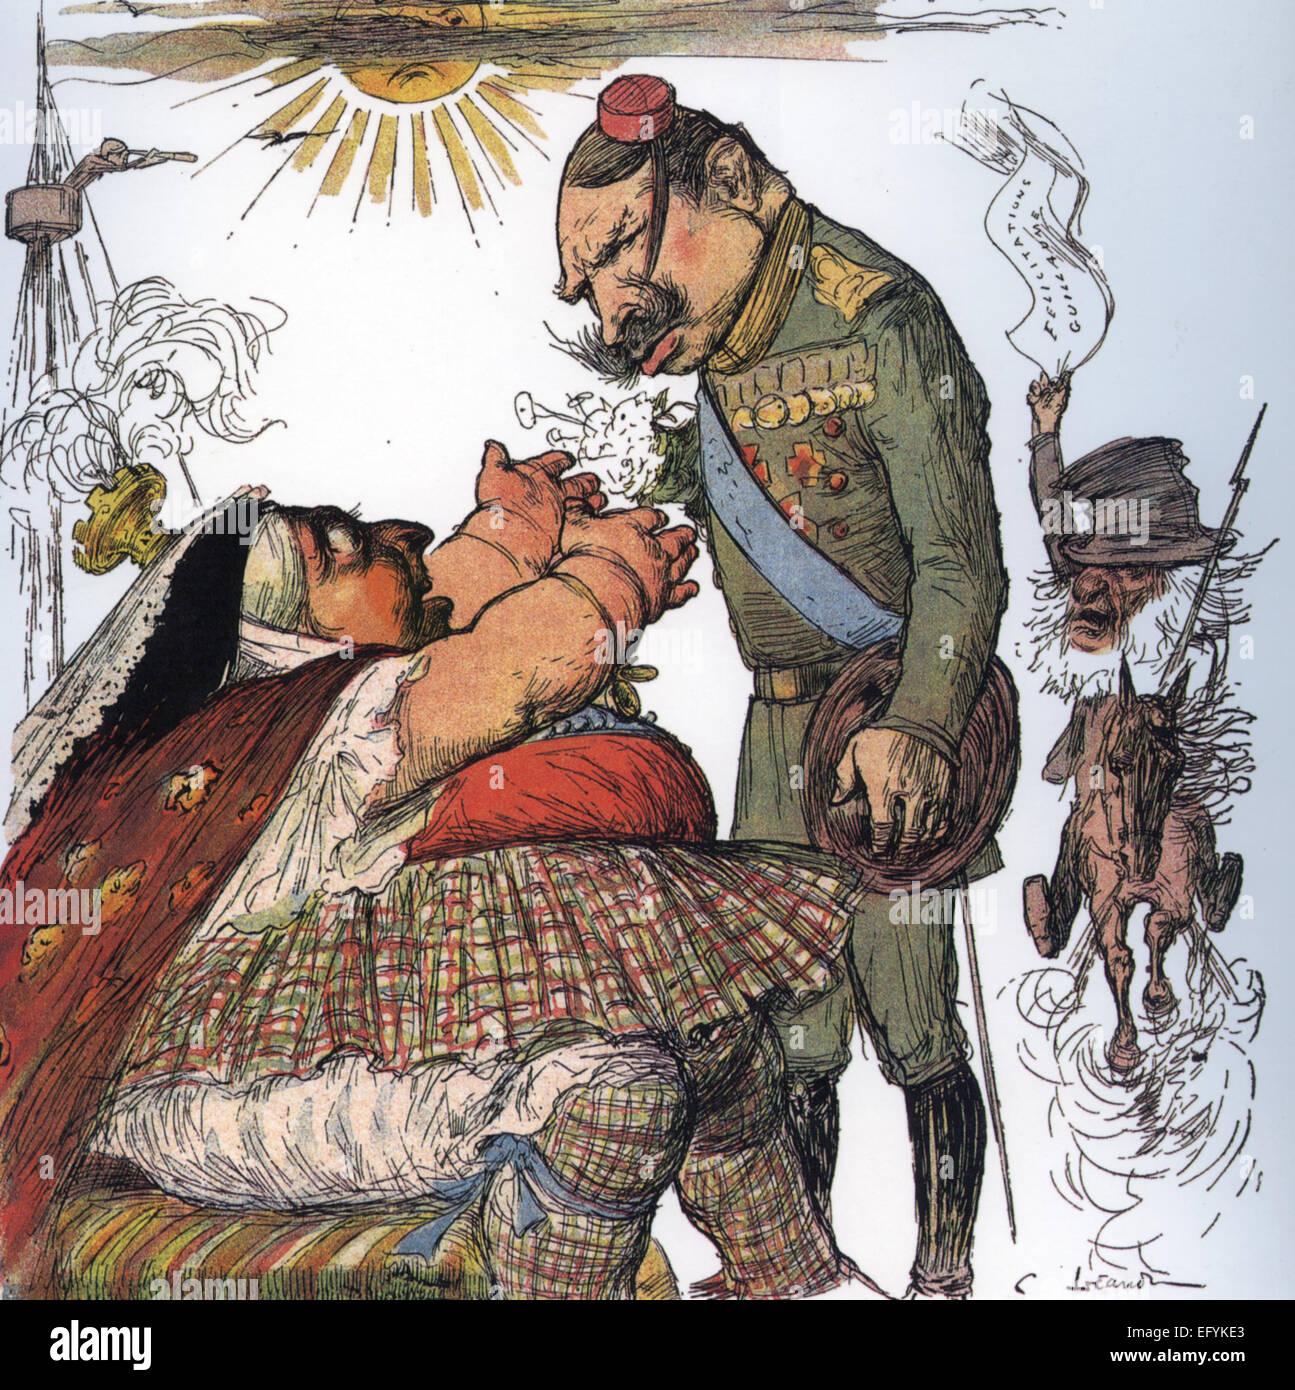 Guerre des Boers caricature sur la couverture de magazine satirique français Le Rire le 2 décembre 1899. Photo Stock